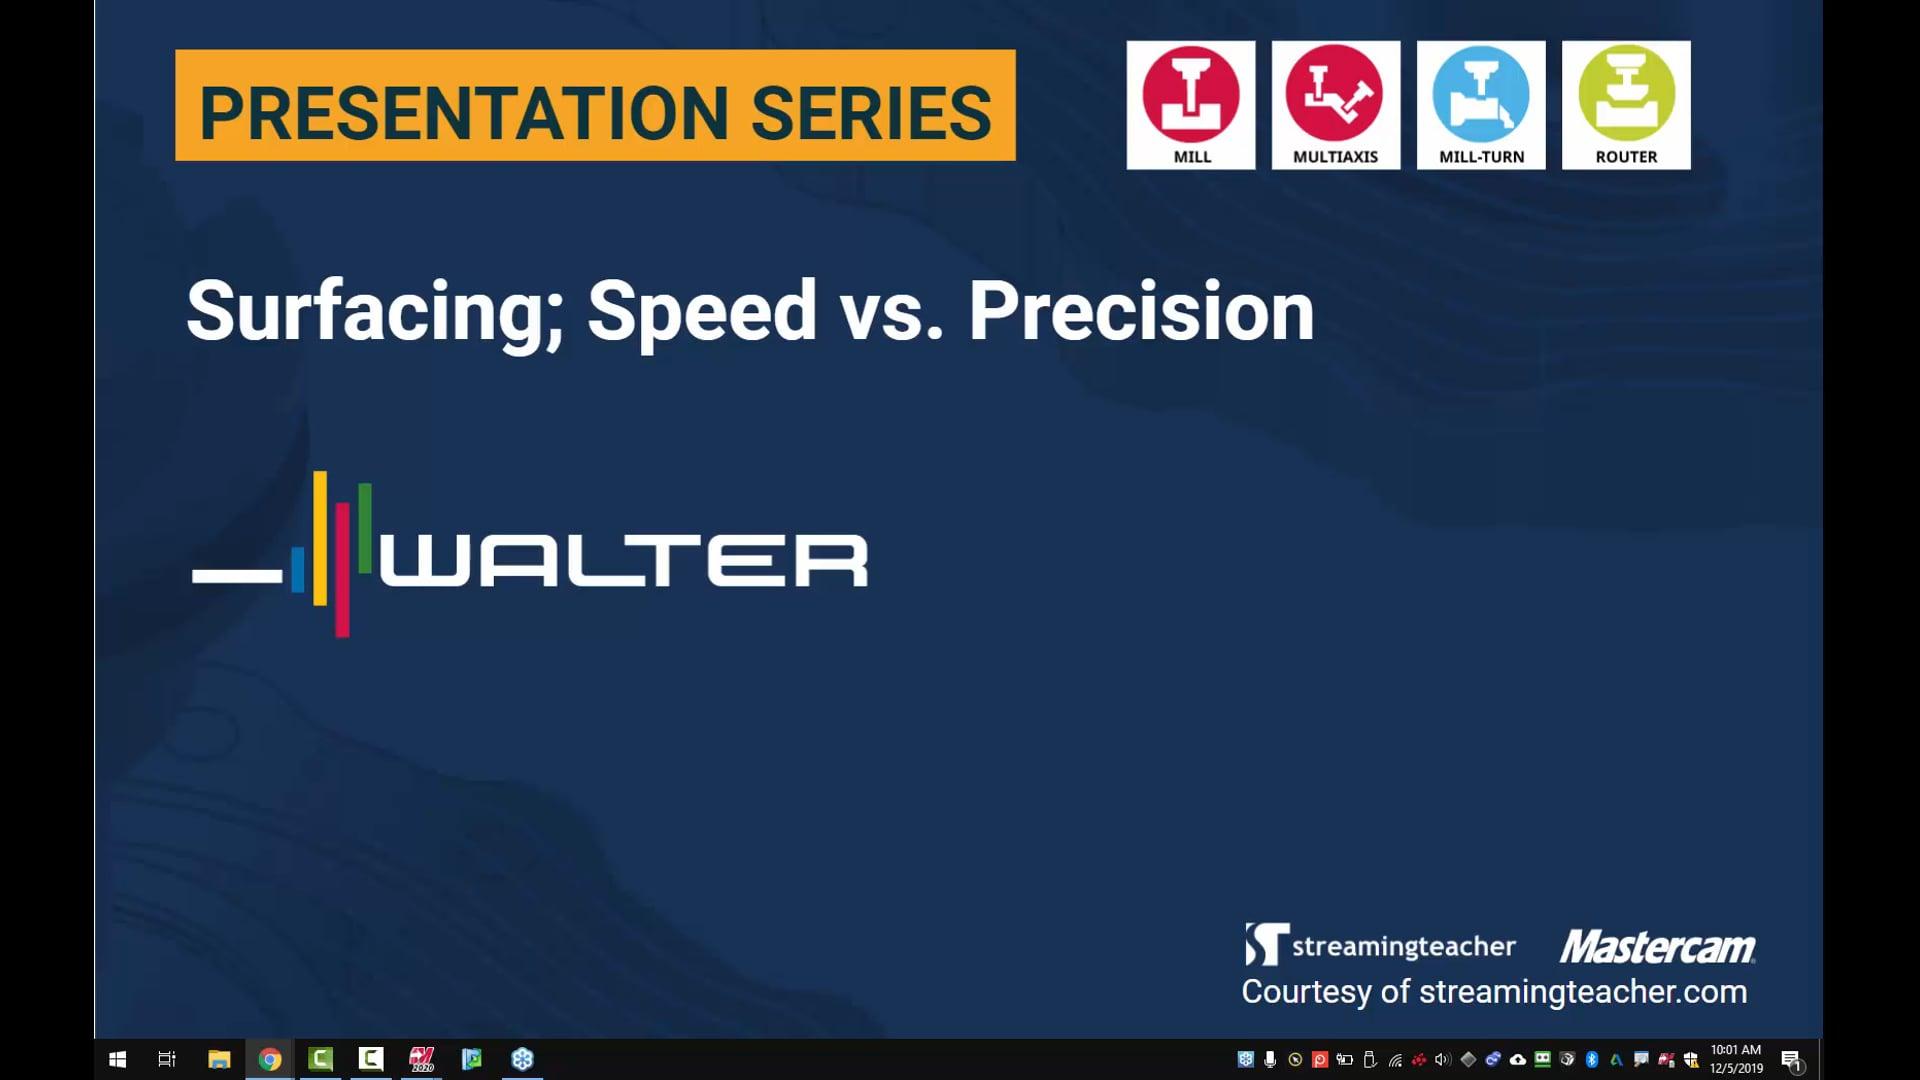 Surfacing; speed vs precision